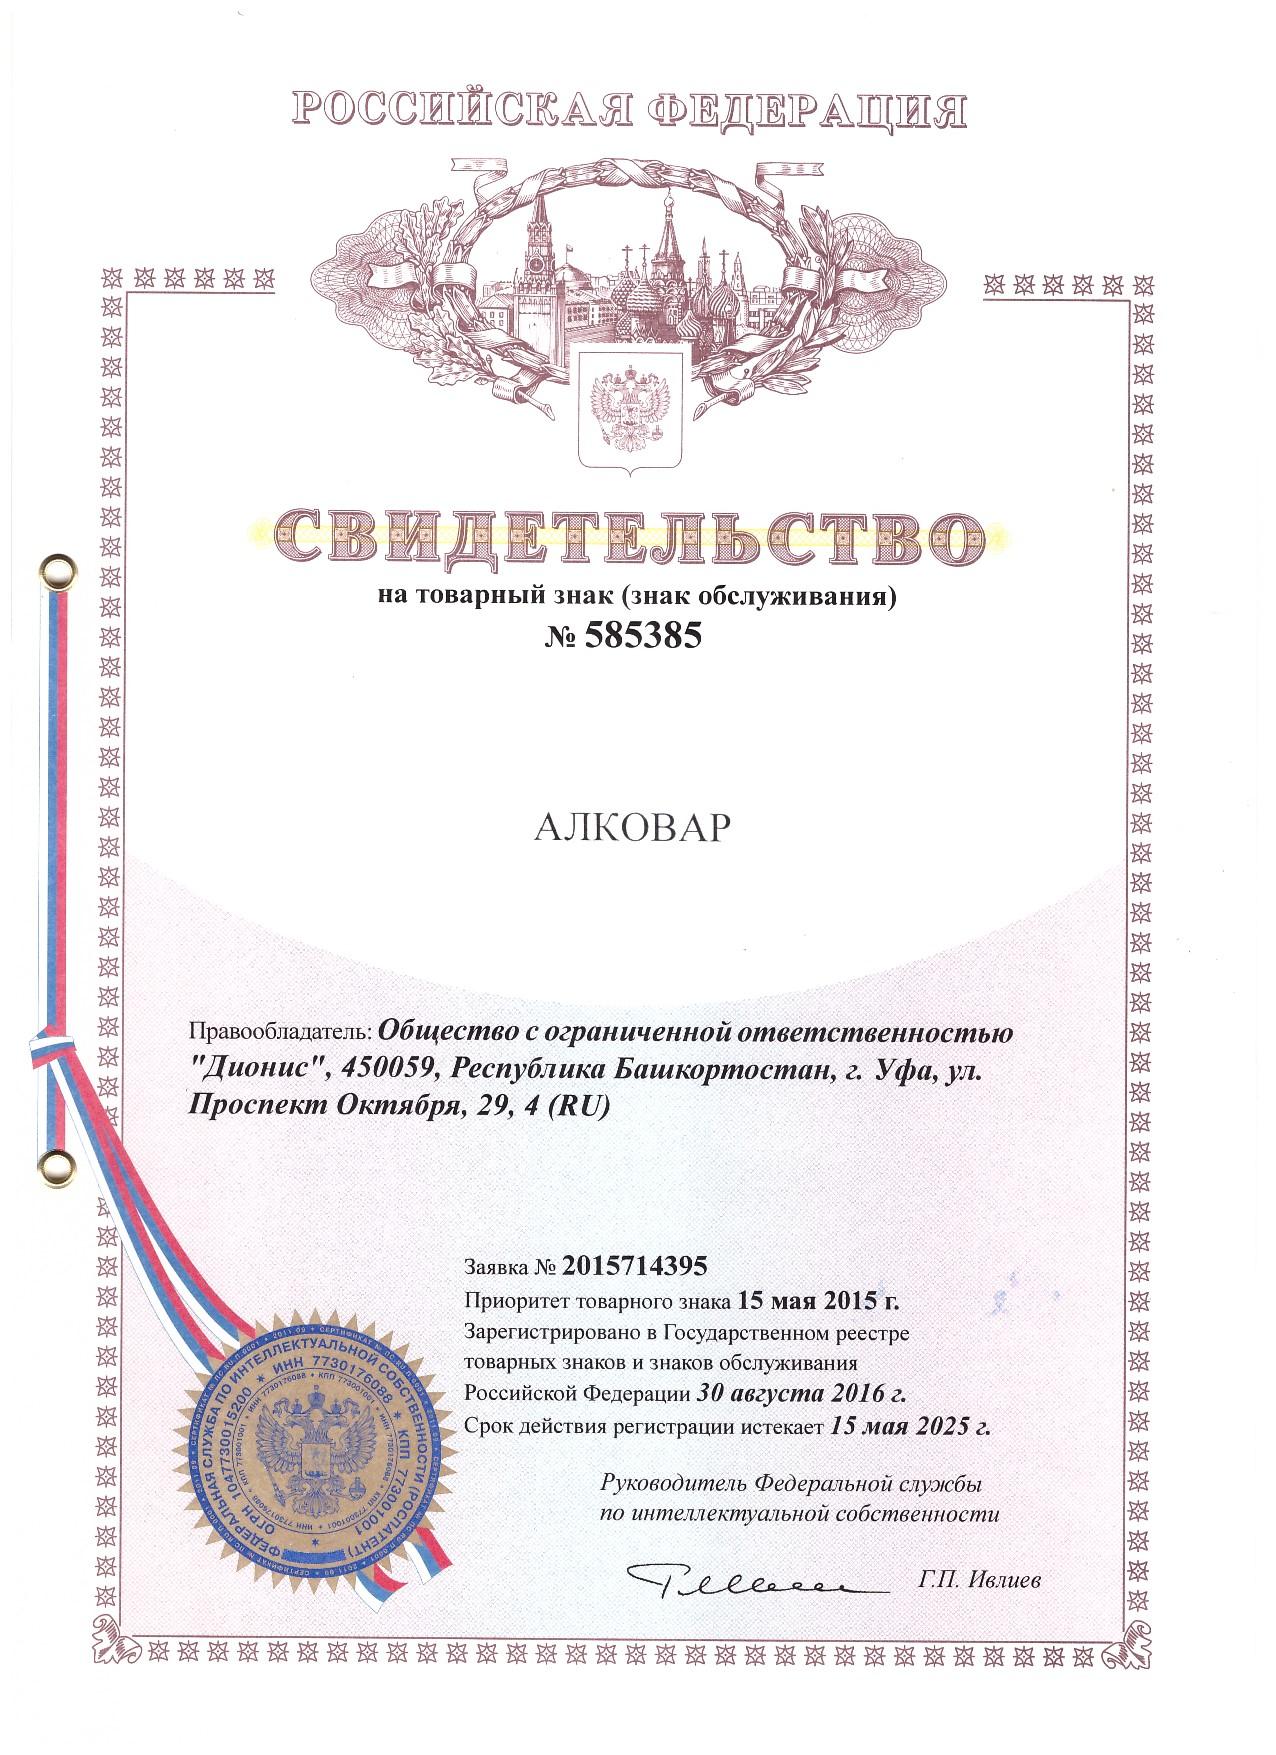 Зарегистрированный товарный знак АЛКОВАР